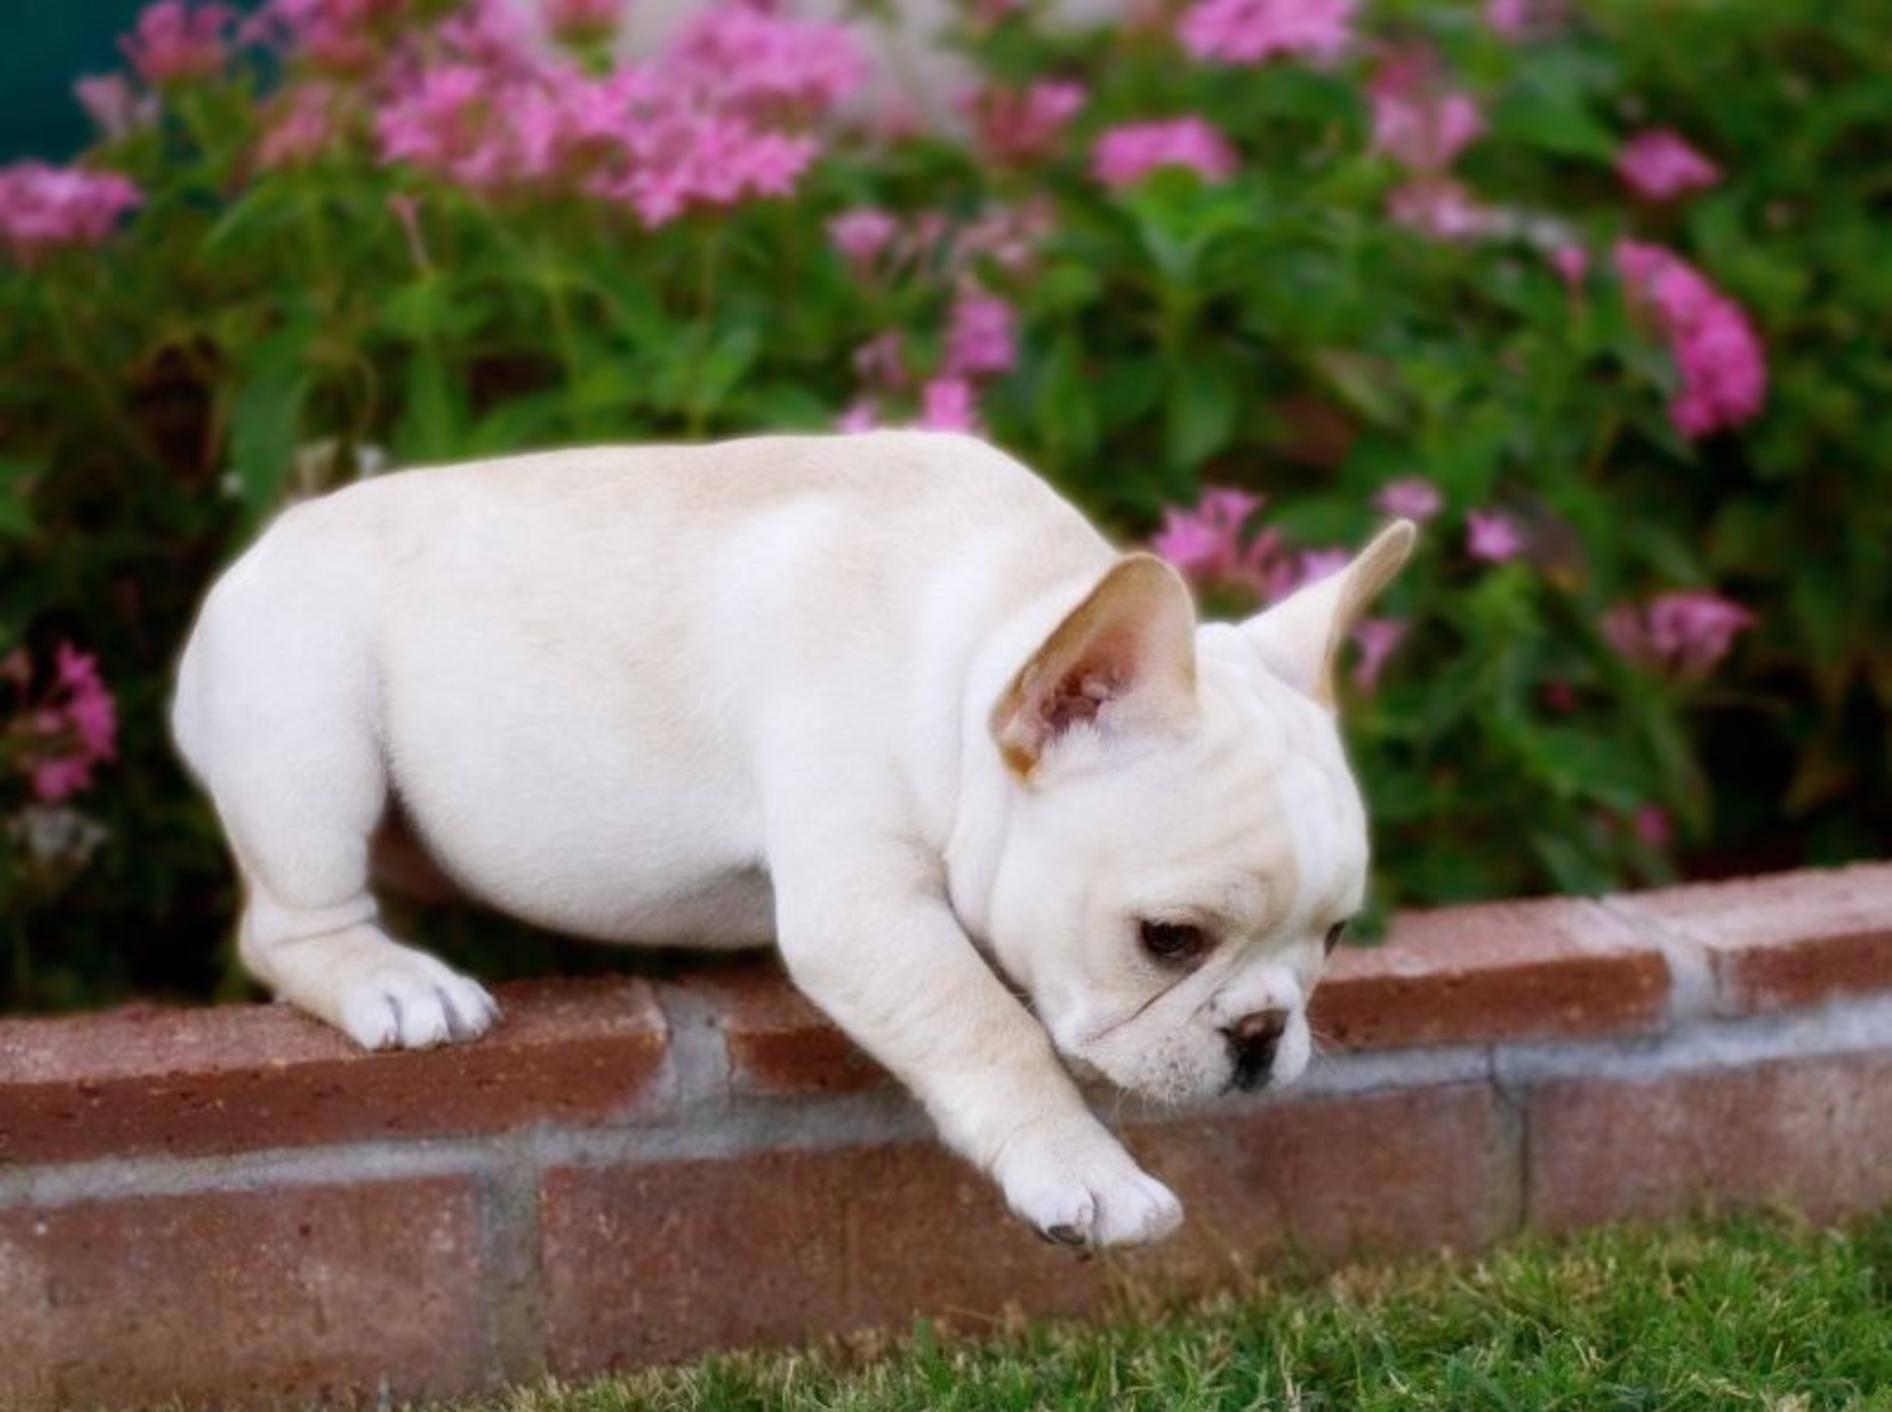 Jetzt aber ganz vorsichtig sein, kleine Englische Bulldogge — Bild: Shutterstock / Justin Black